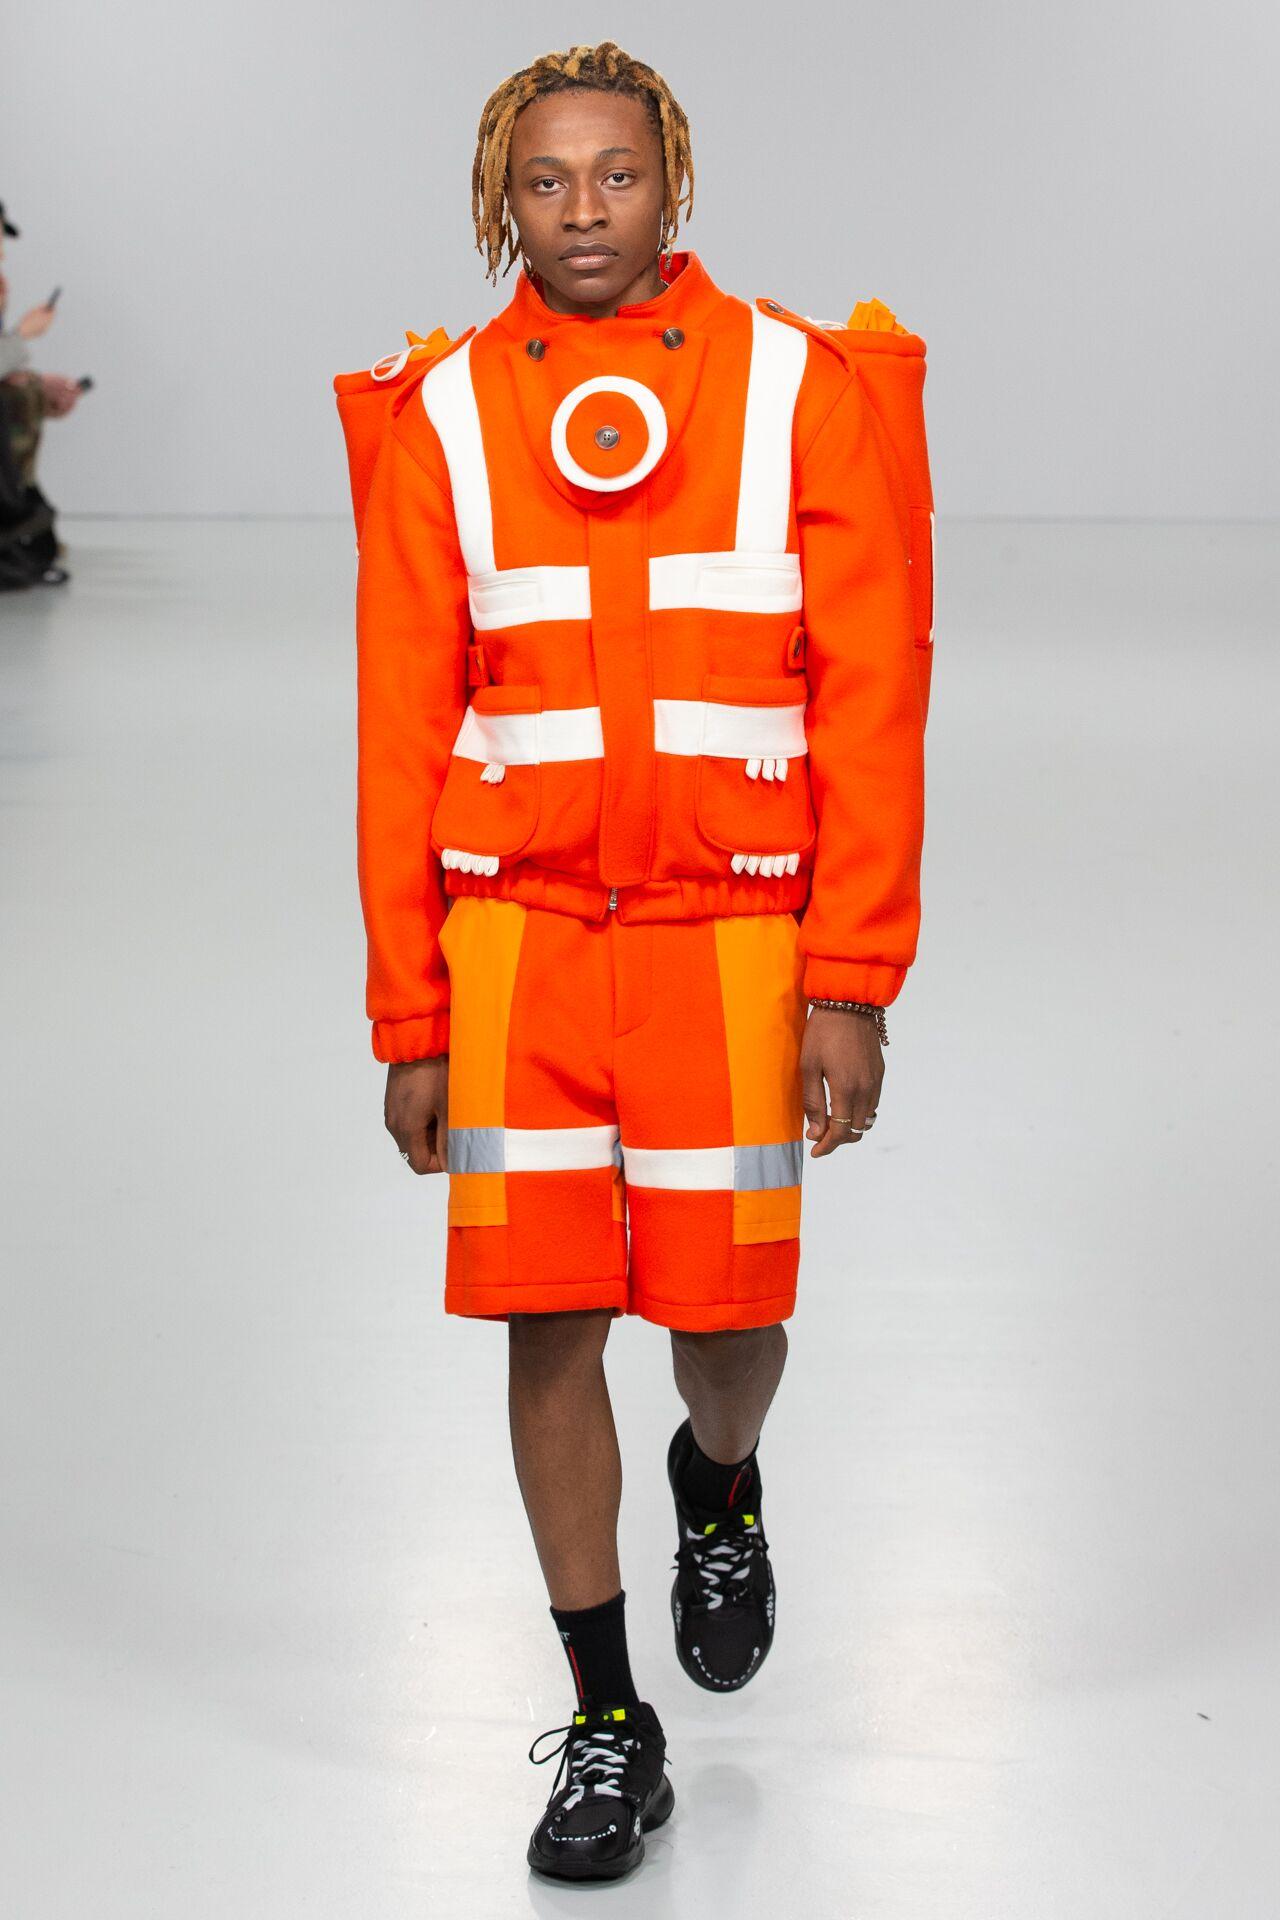 Saint ego aw20 during london fashion week (2)